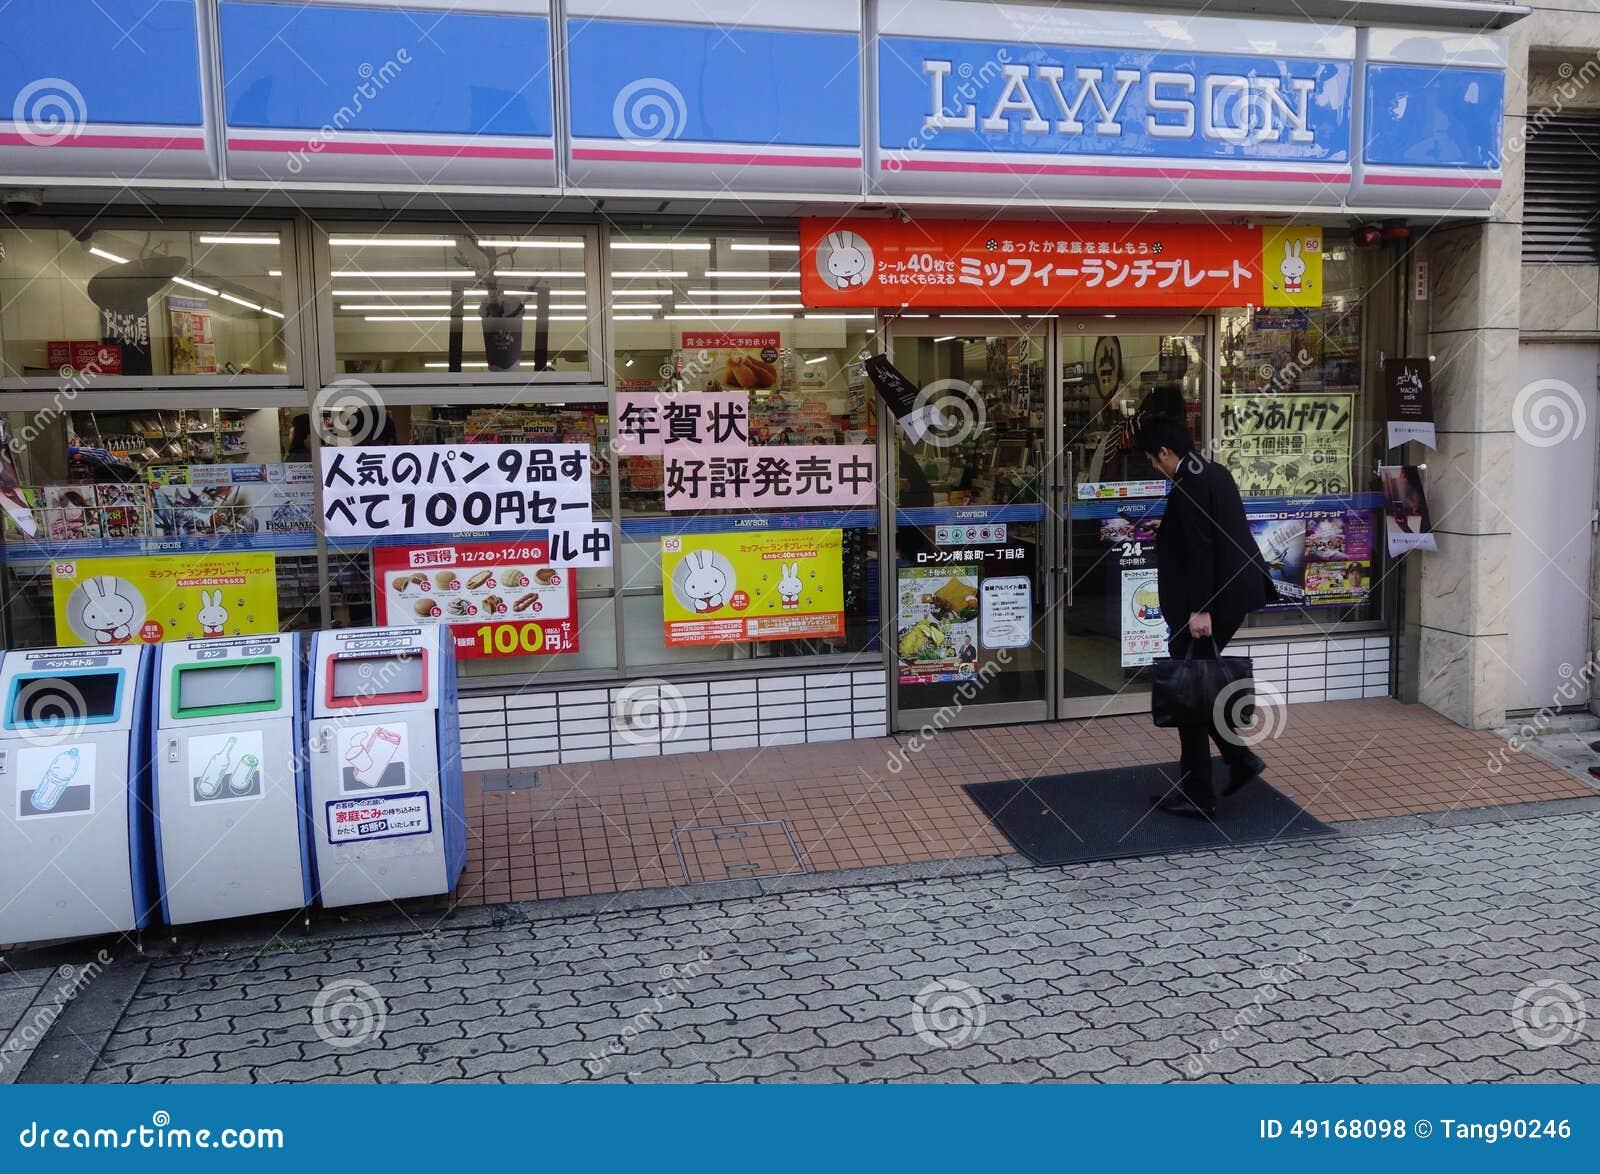 [Jeu] Suite d'images !  - Page 17 Magasin-de-lawson-station-de-visite-de-clients-%C3%A0-hiroshima-japon-49168098